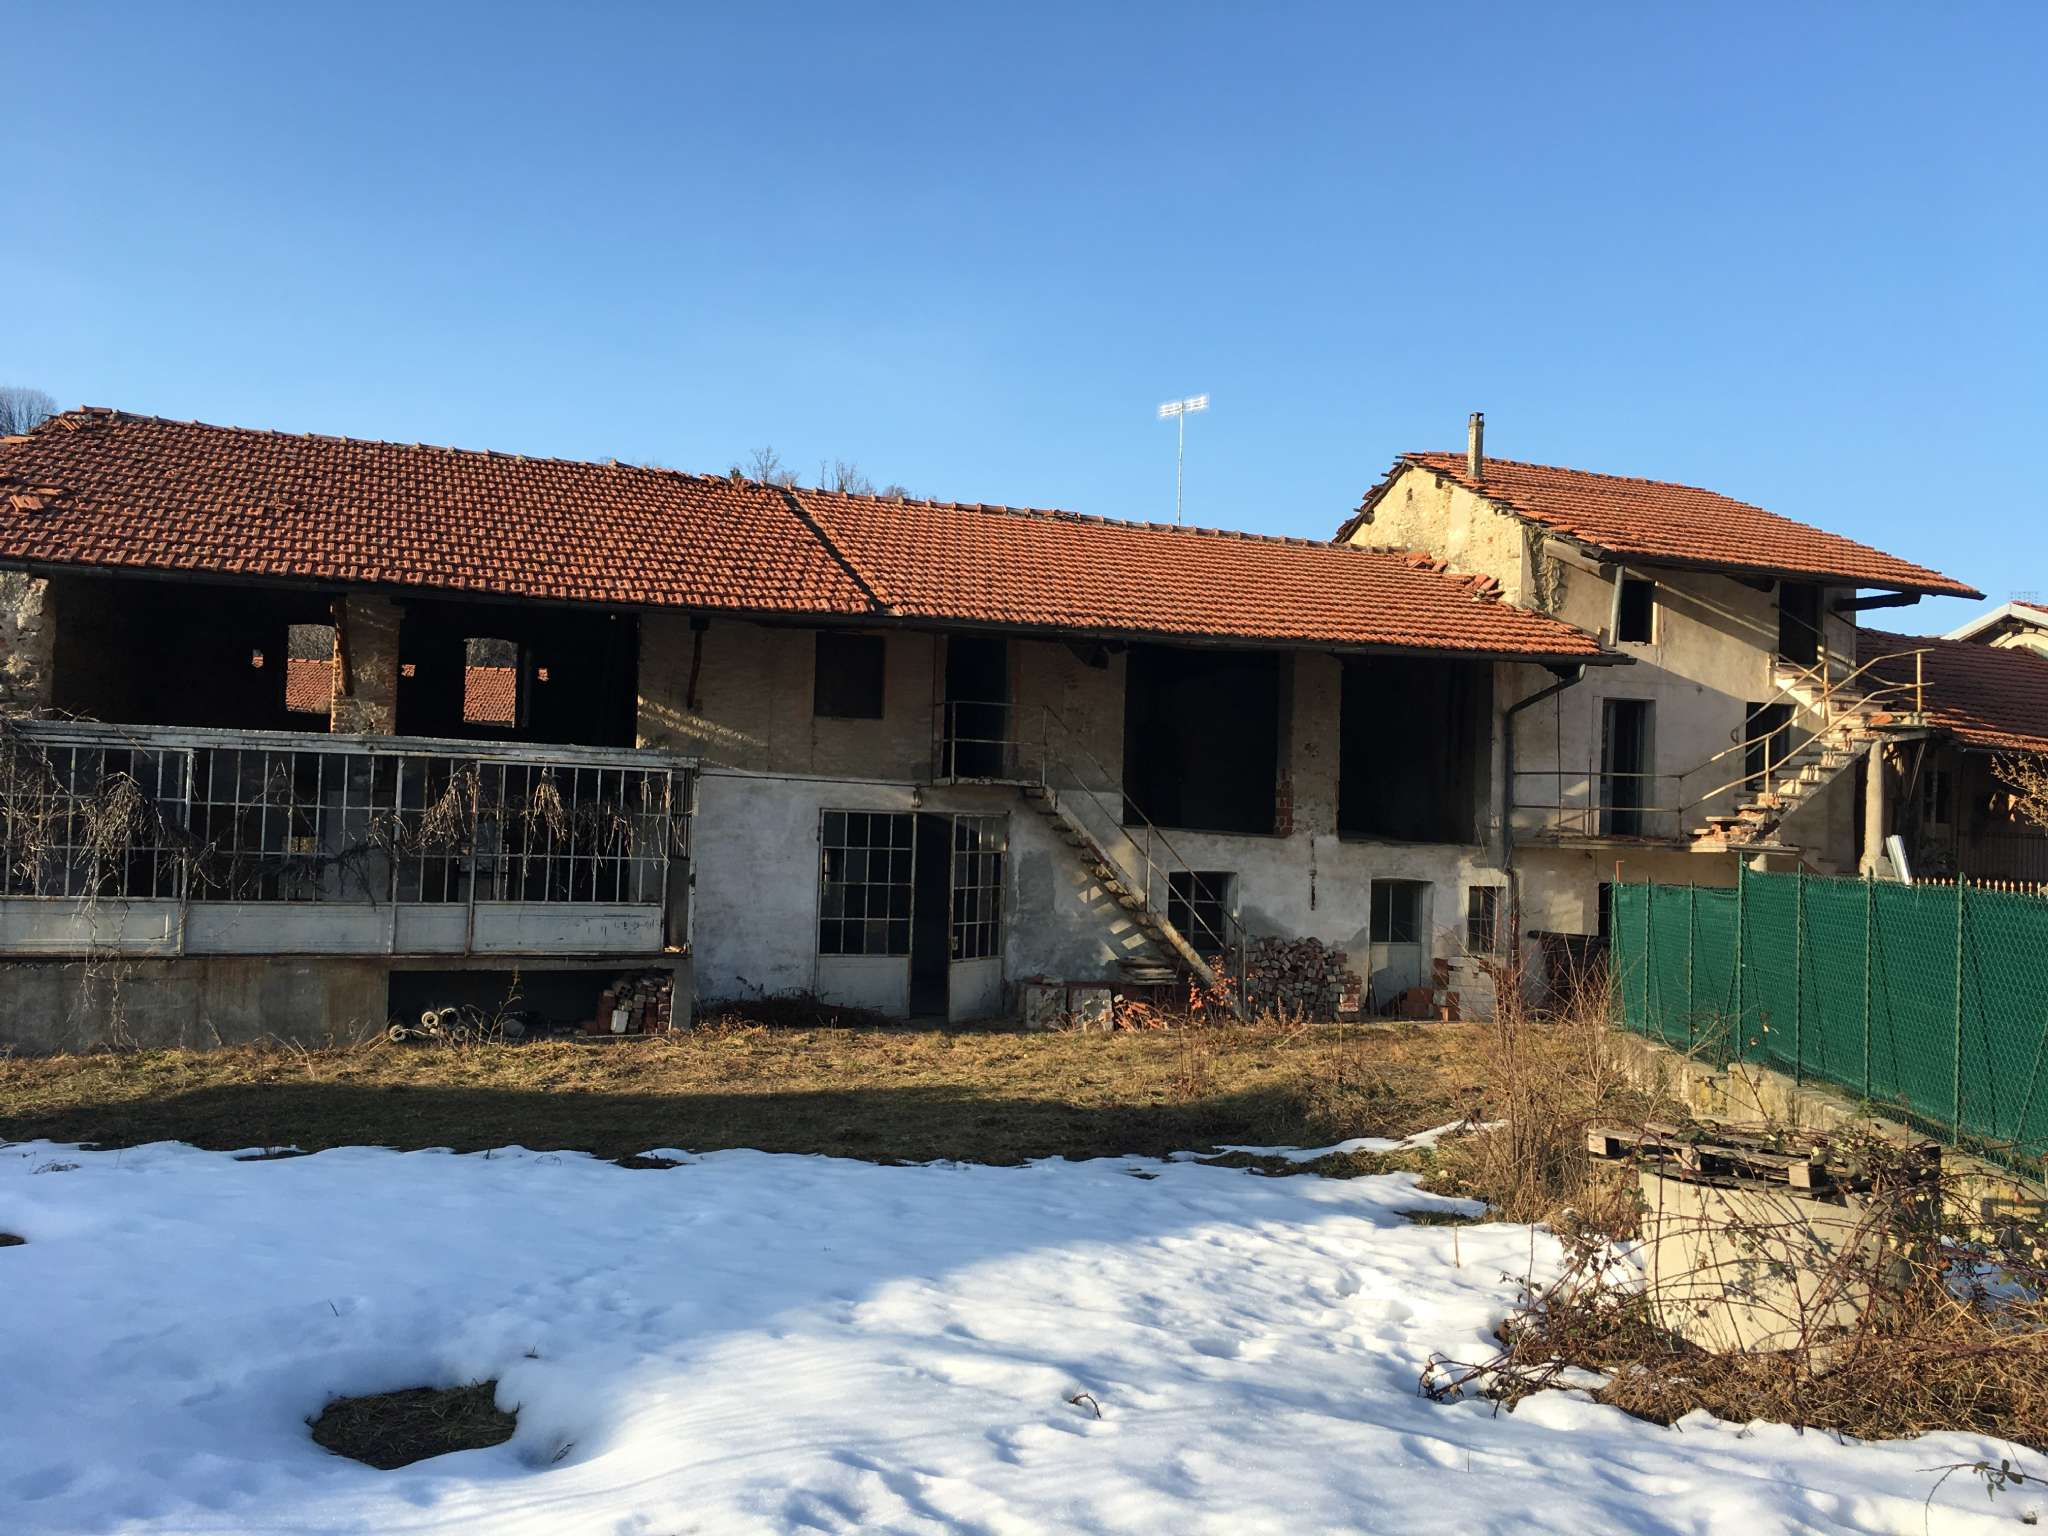 Rustico / Casale in vendita a Peveragno, 6 locali, prezzo € 80.000 | PortaleAgenzieImmobiliari.it